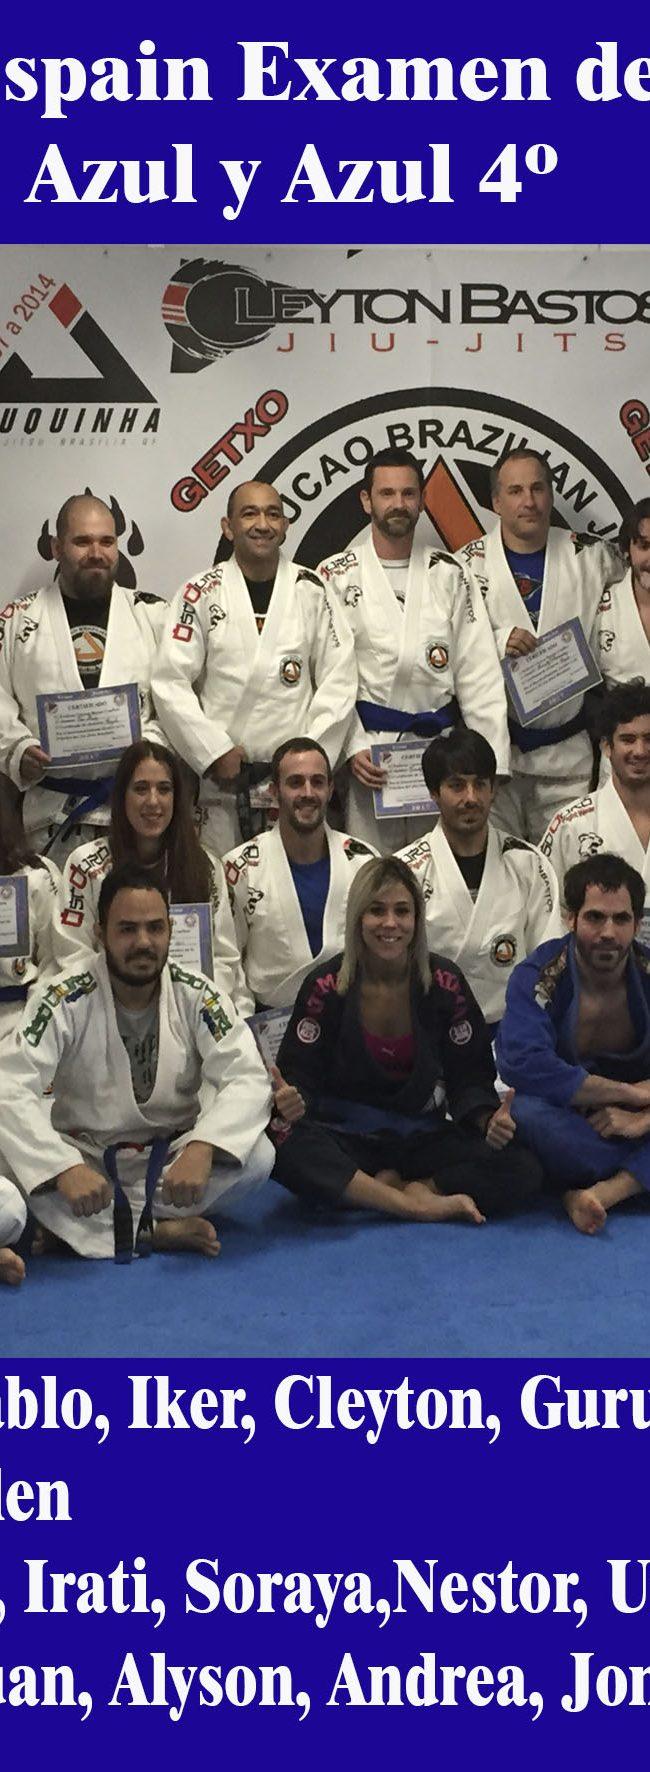 Examen De Grado 2-12-2017 Team Jucao Spain, Cinturones Azules y Azules 4º